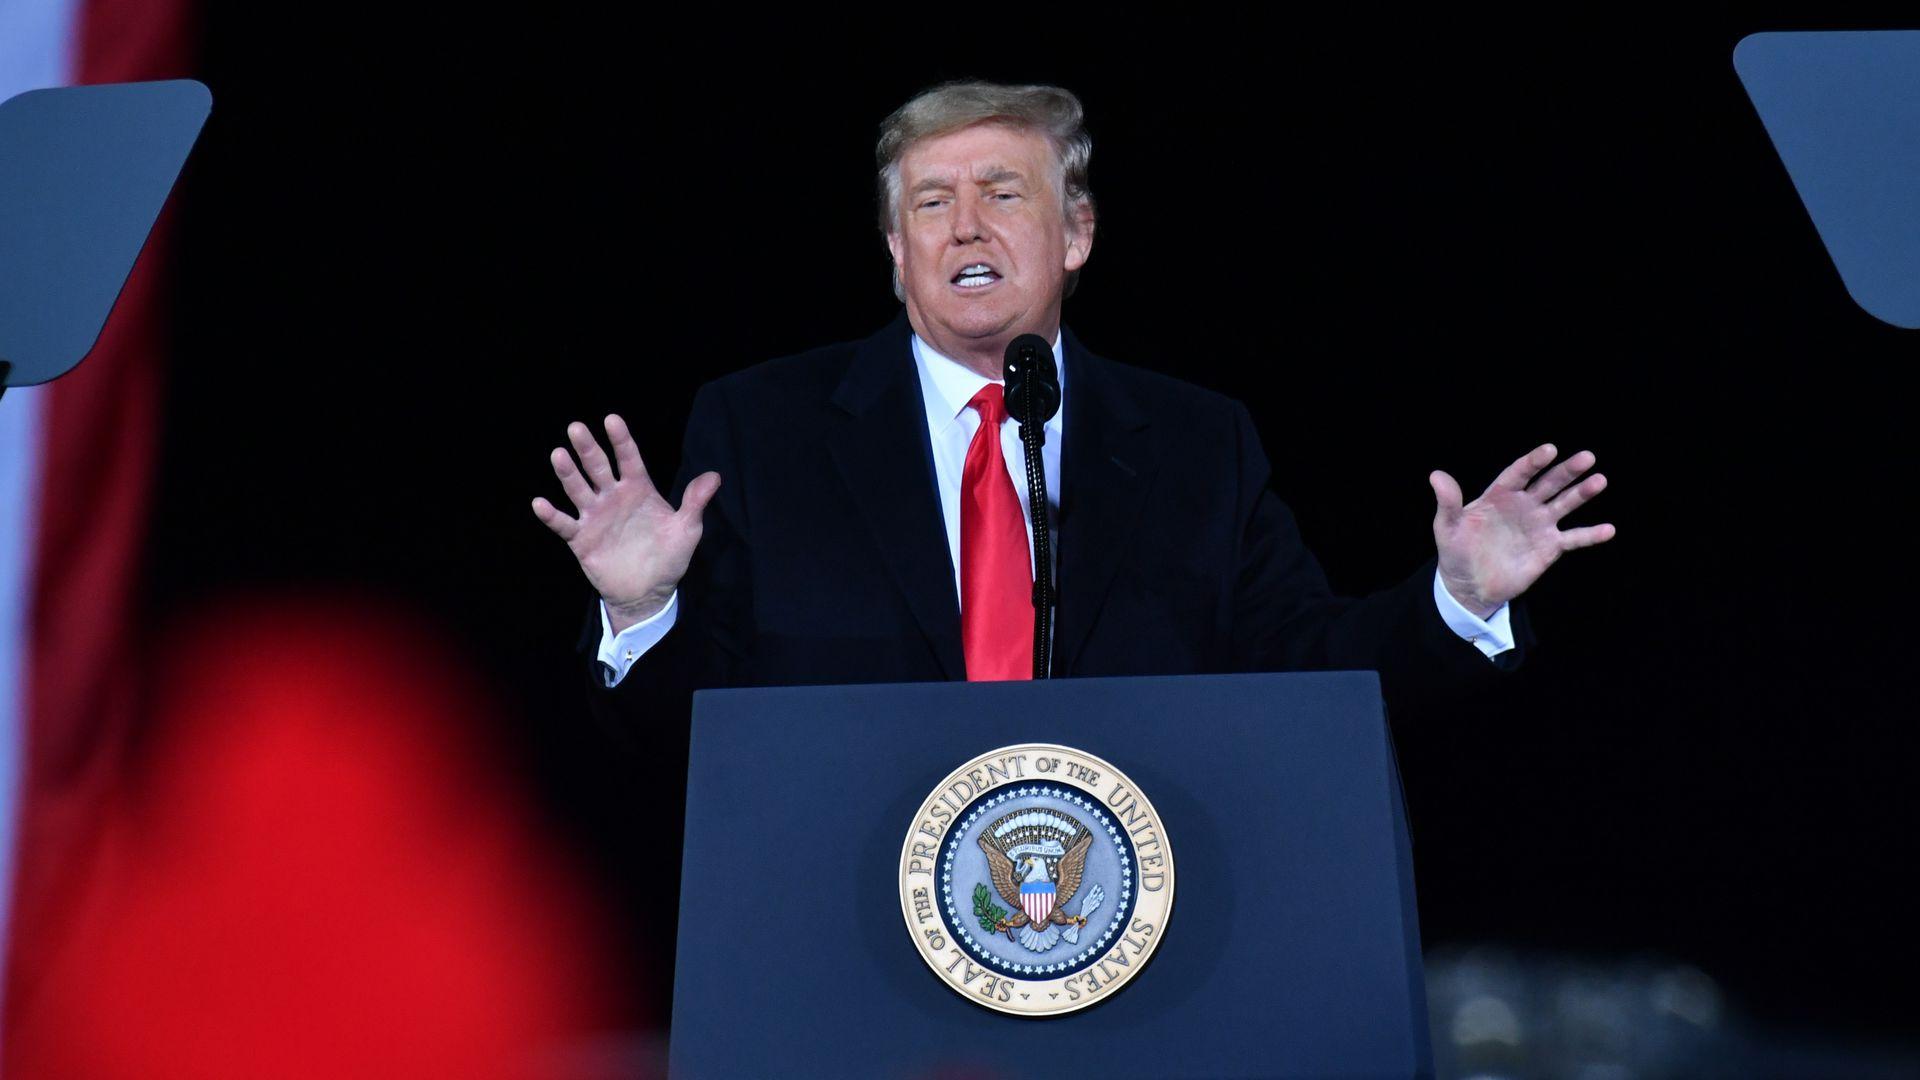 Ông Trump ban bố tình trạng khẩn cấp ở Washington, lệnh hỗ trợ cho lễ nhậm chức của ông Biden - Ảnh 1.